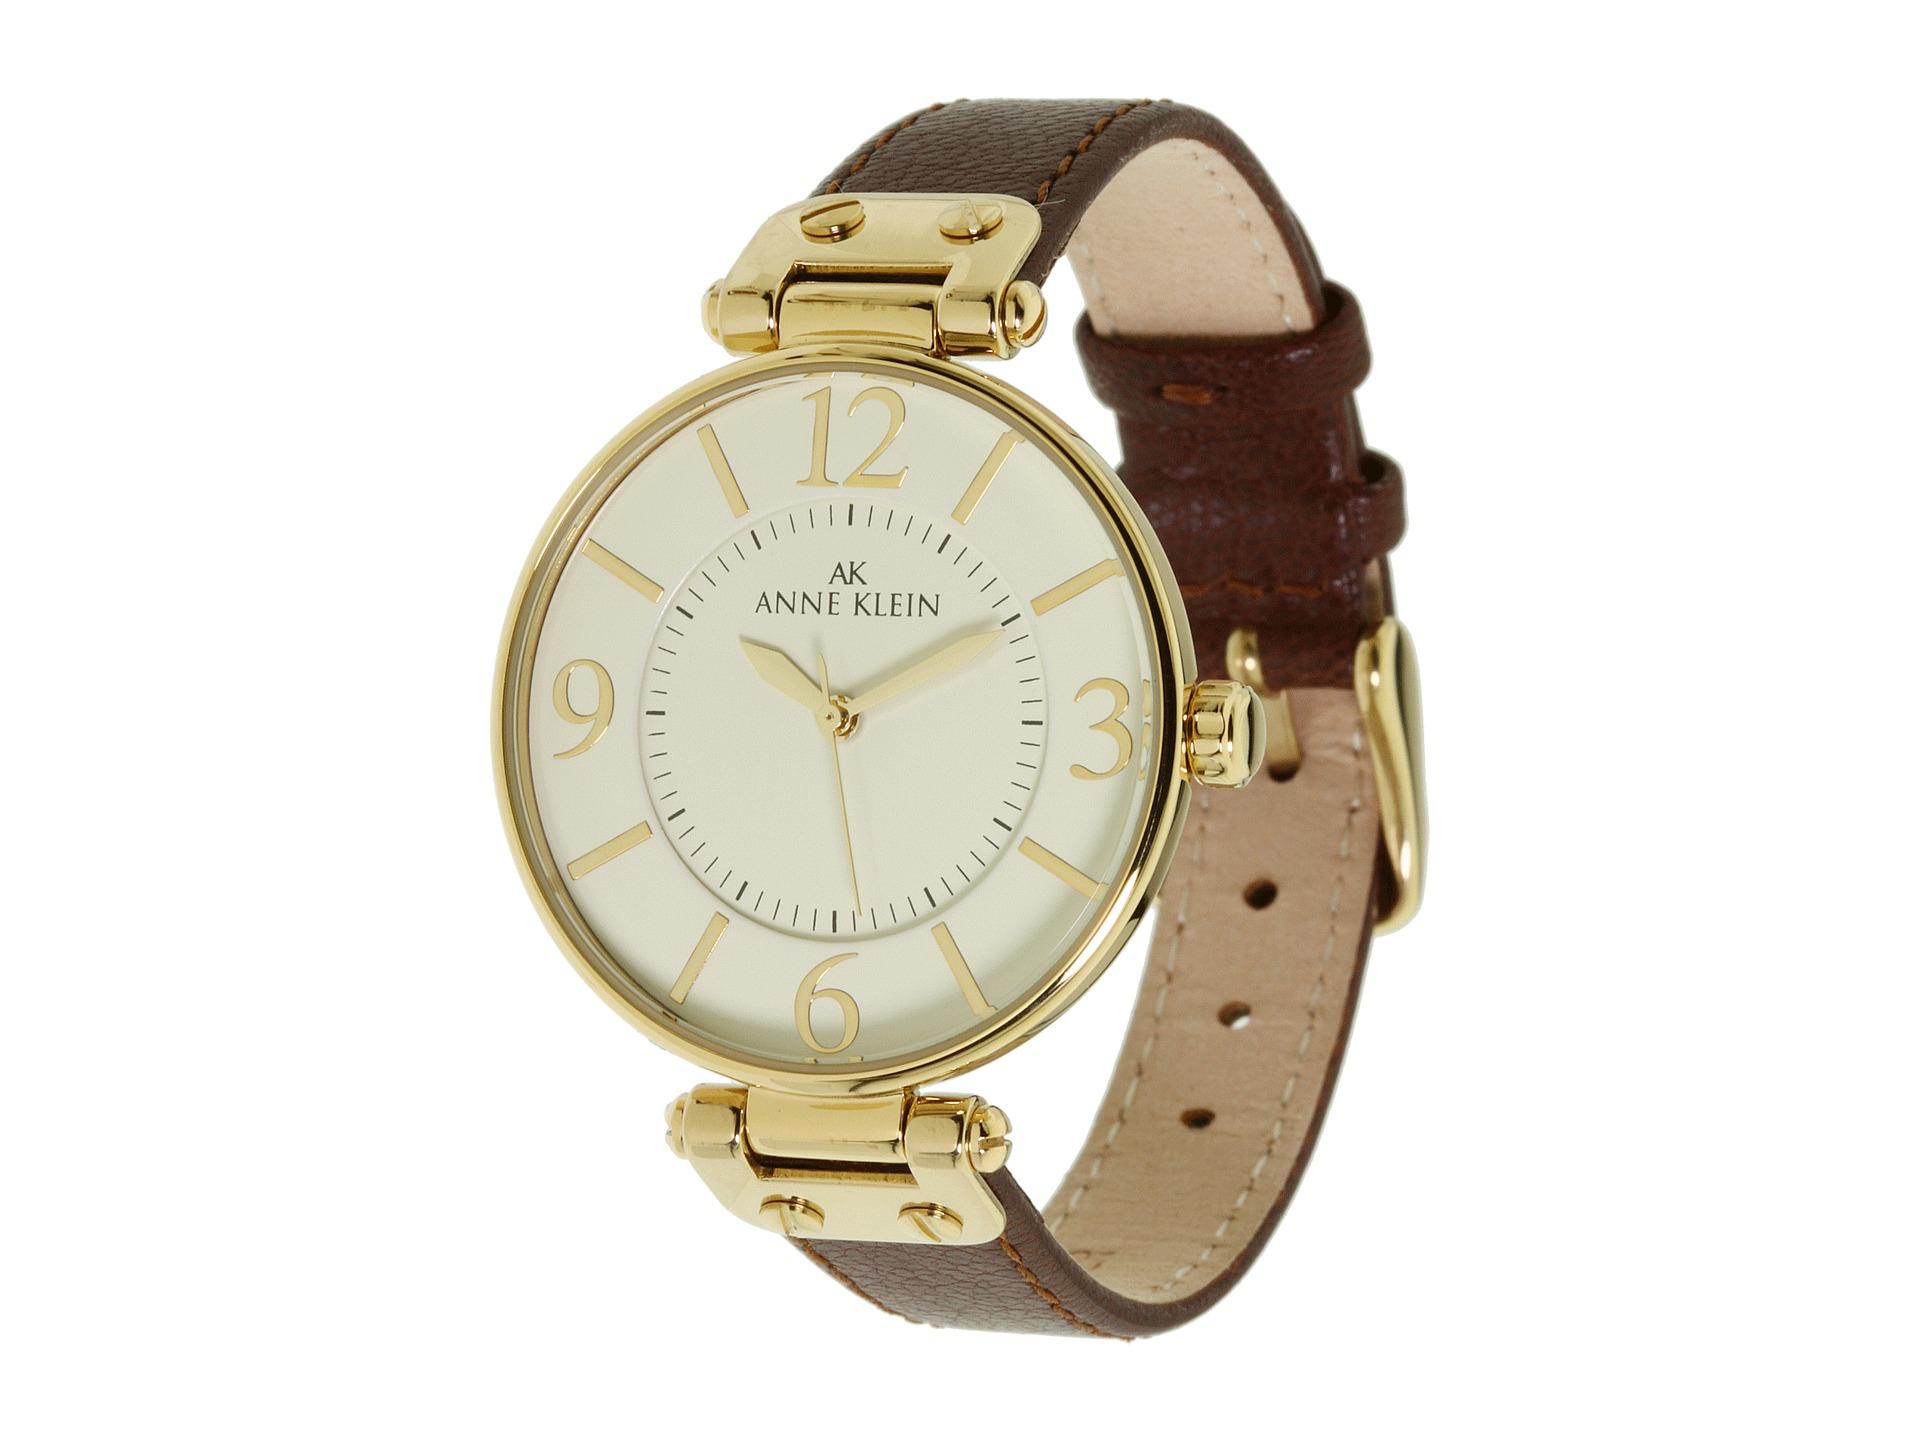 Anne klein 109168ivbn round dial leather strap watch in metallic lyst for Anne klein leather strap